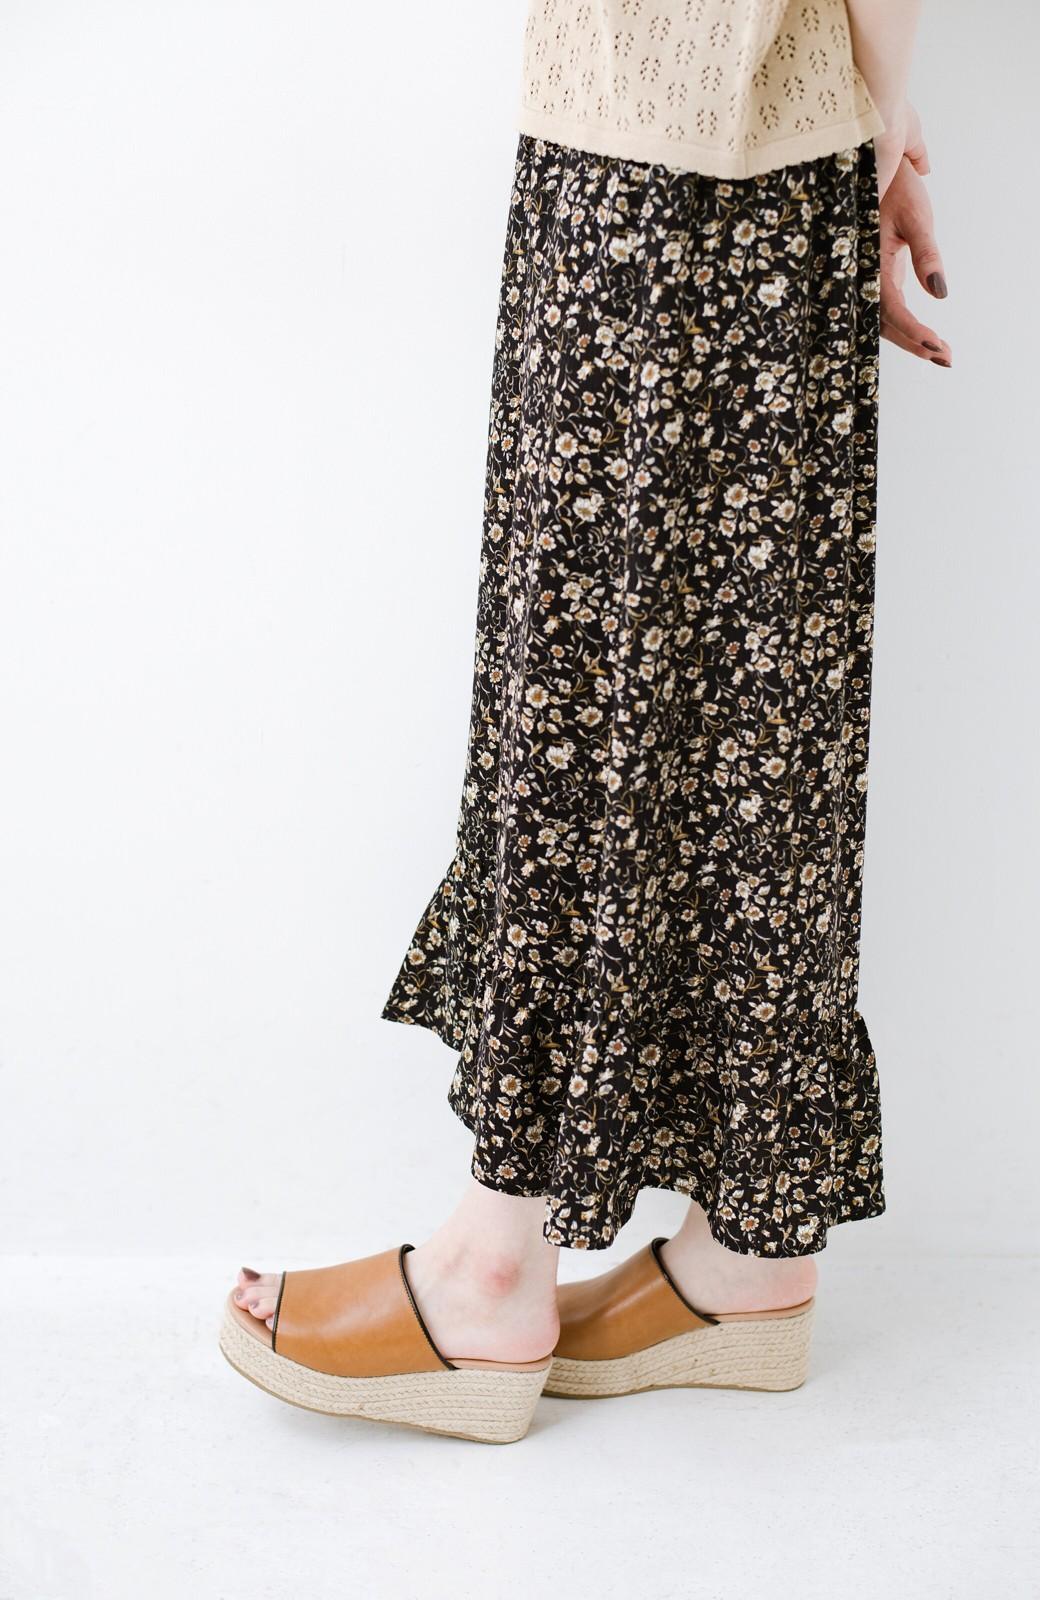 haco! 足を甘やかしながらもすっきり見せたいときに便利な バイカラーのプラットフォームサンダル <キャメル>の商品写真4